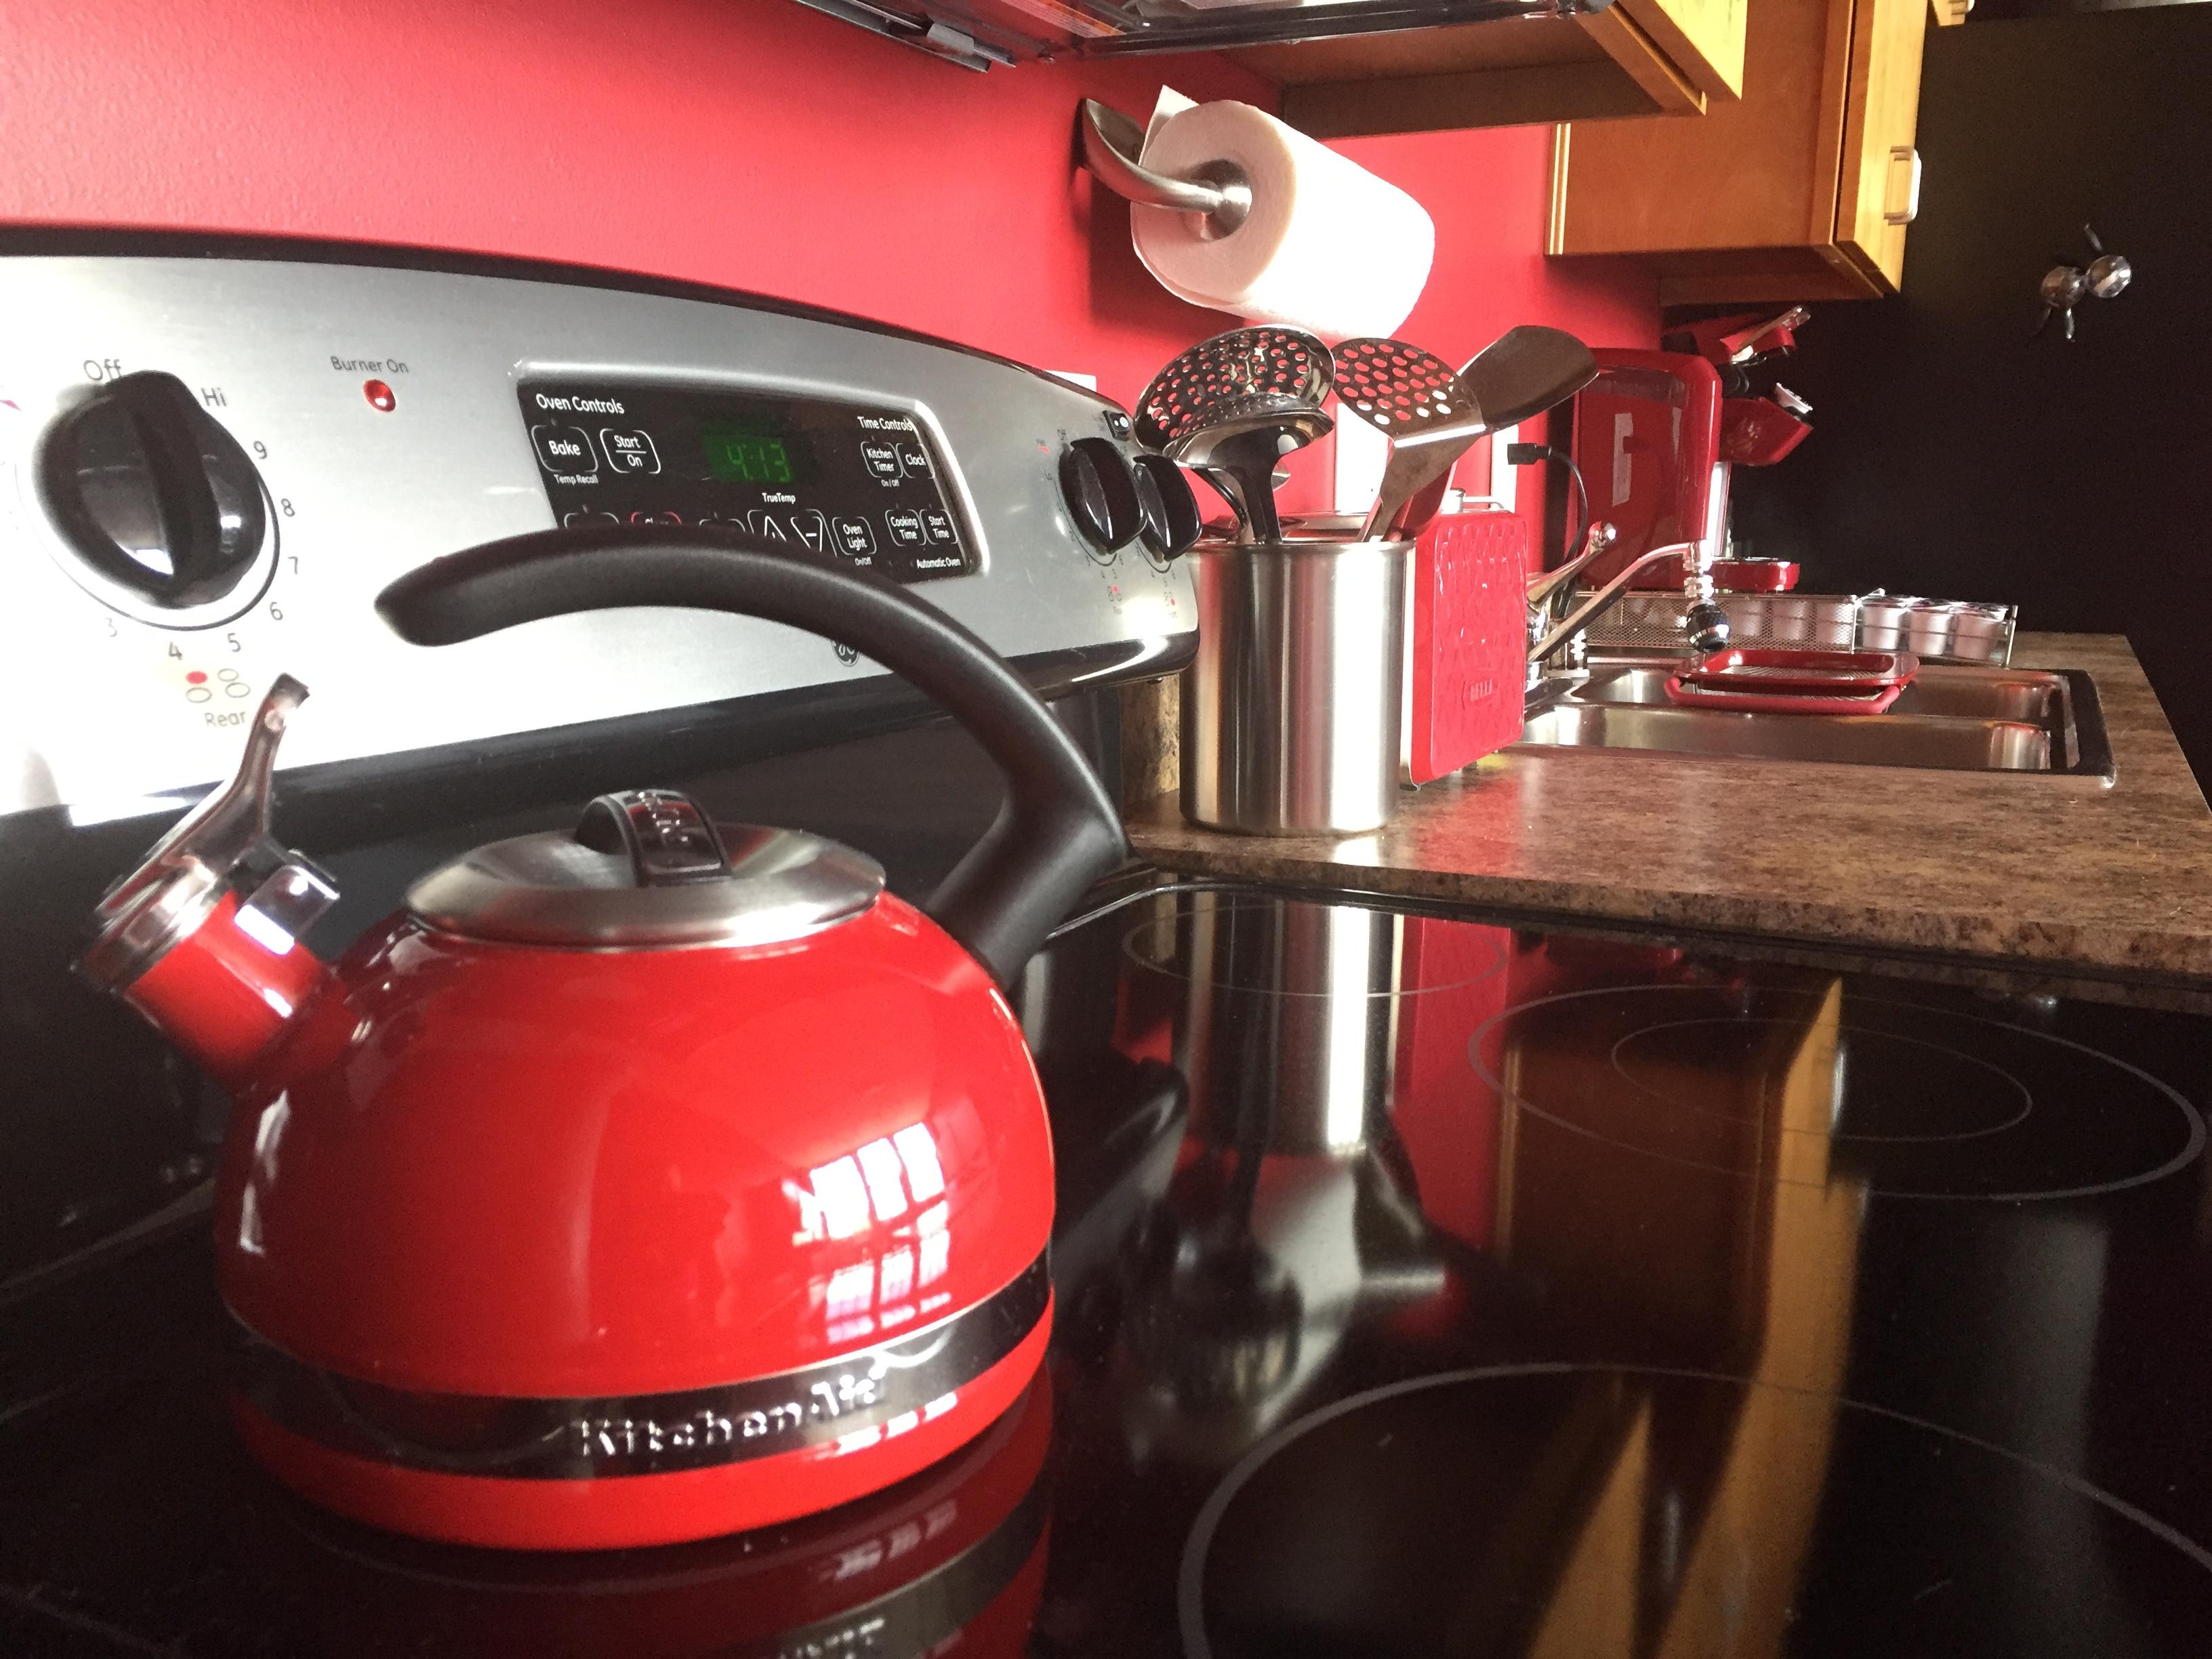 Full Stove and Tea Kettle - Loft Reverie Amenities